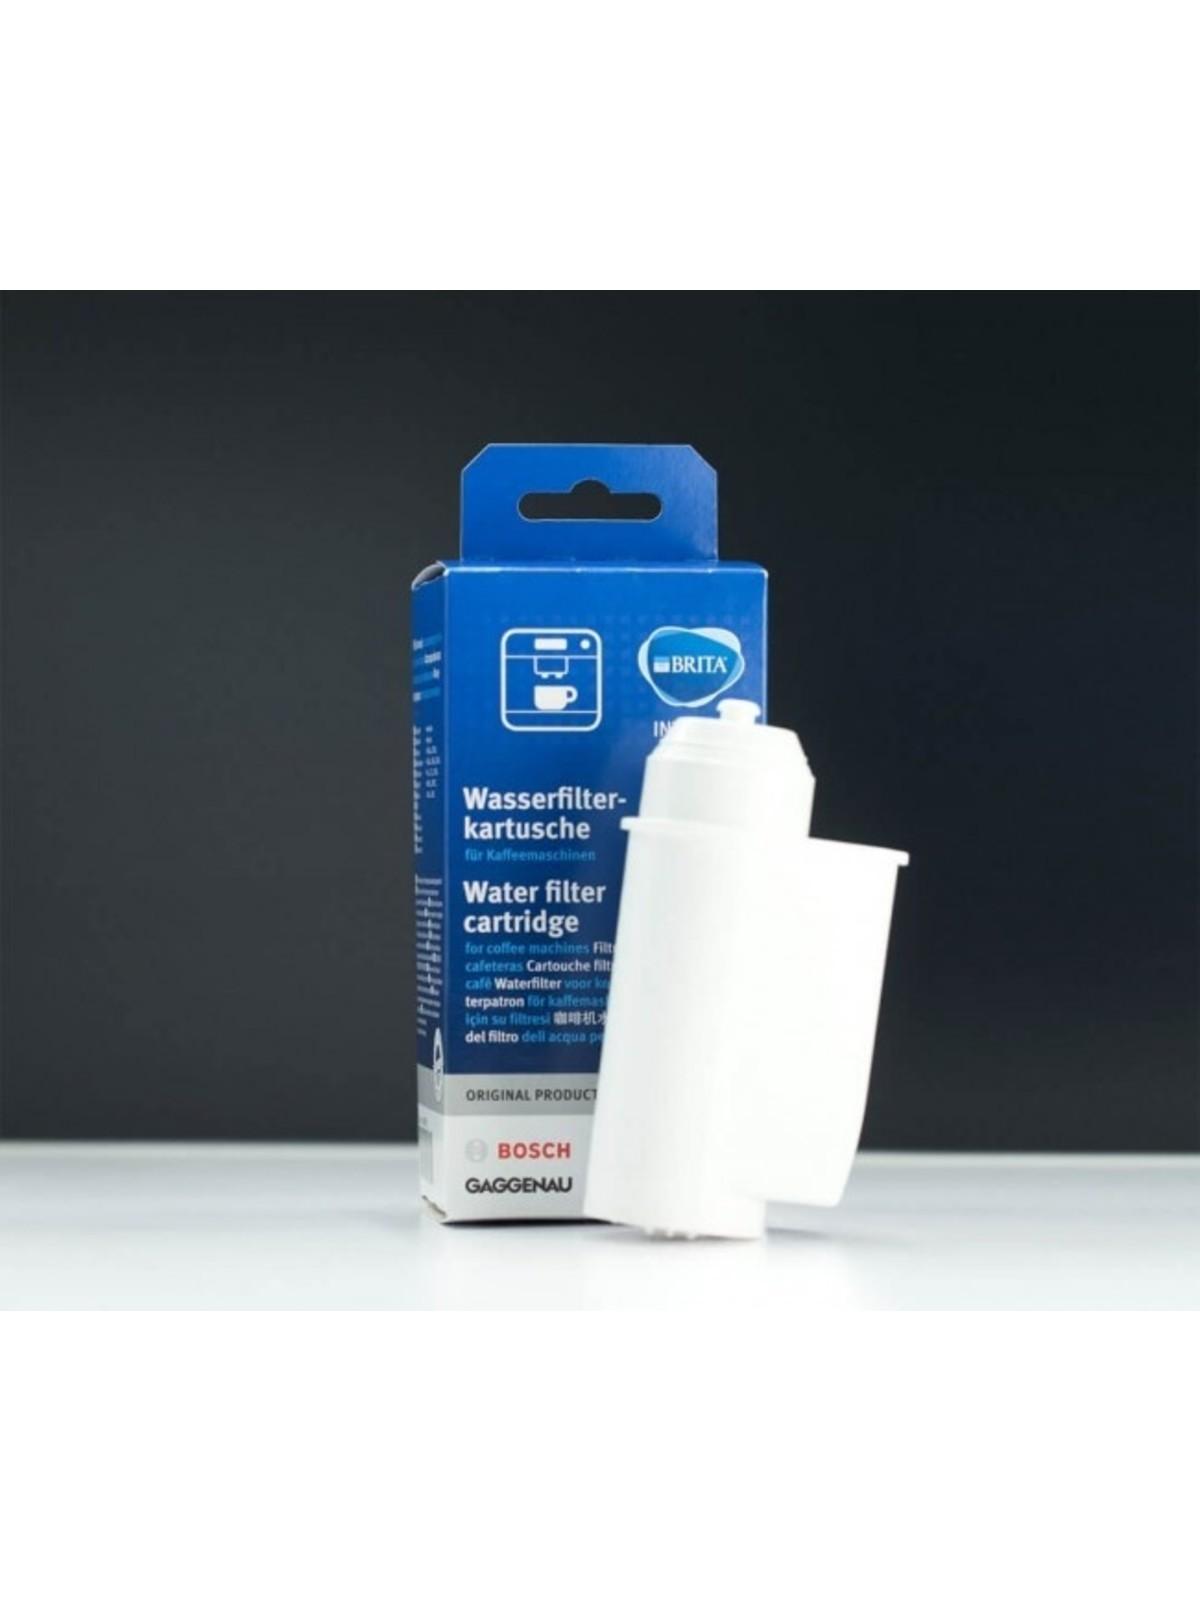 SIEMENS BOSCH Brita Intenza Waterfilter